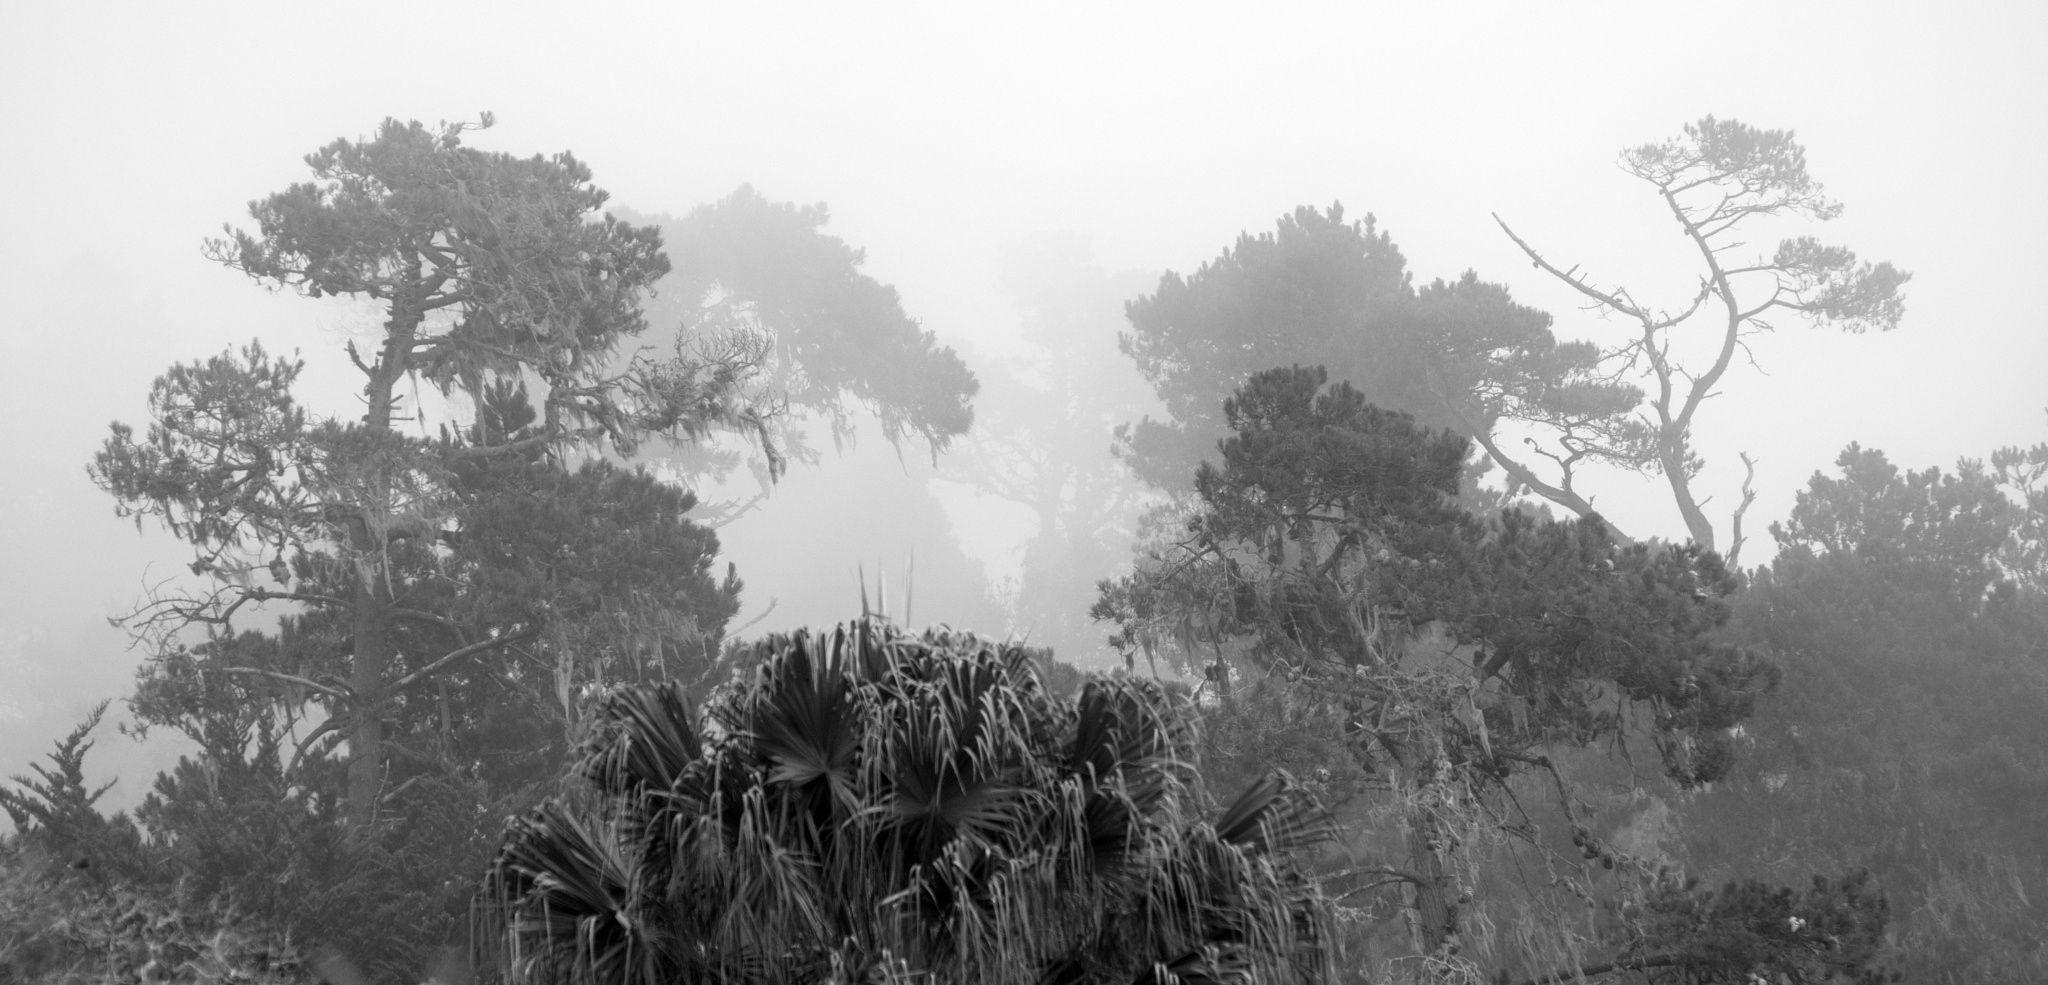 Foggy Pines II - Pines in fog